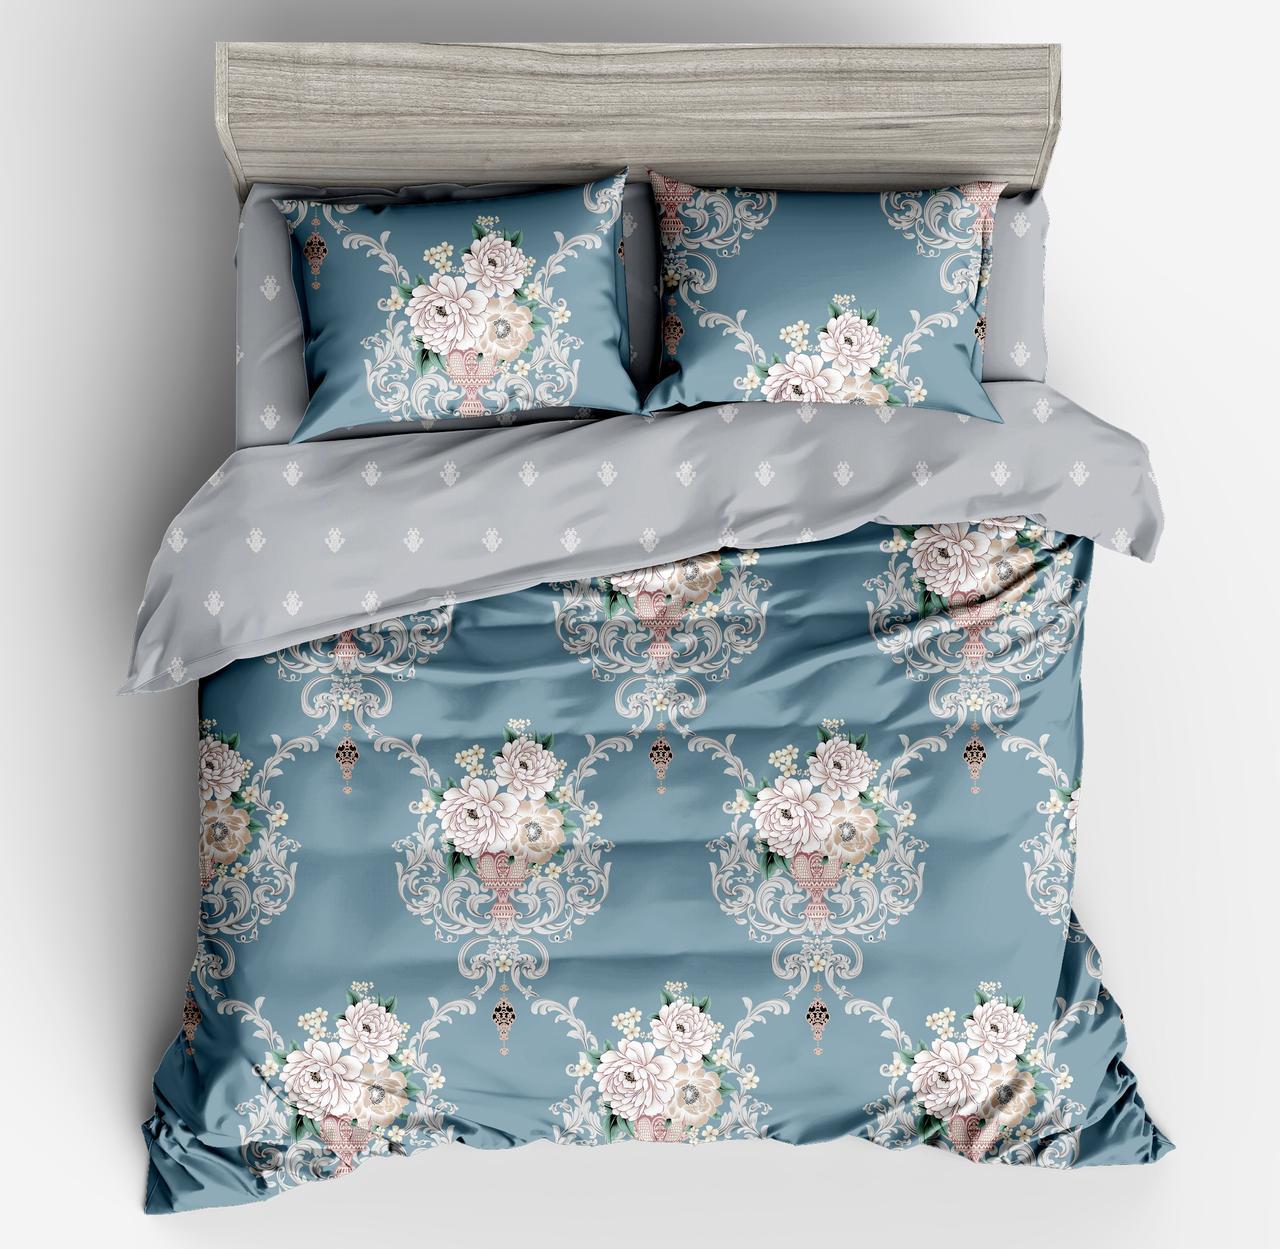 Комплект постельного белья Bella Villa сатин Евро серо-голубой